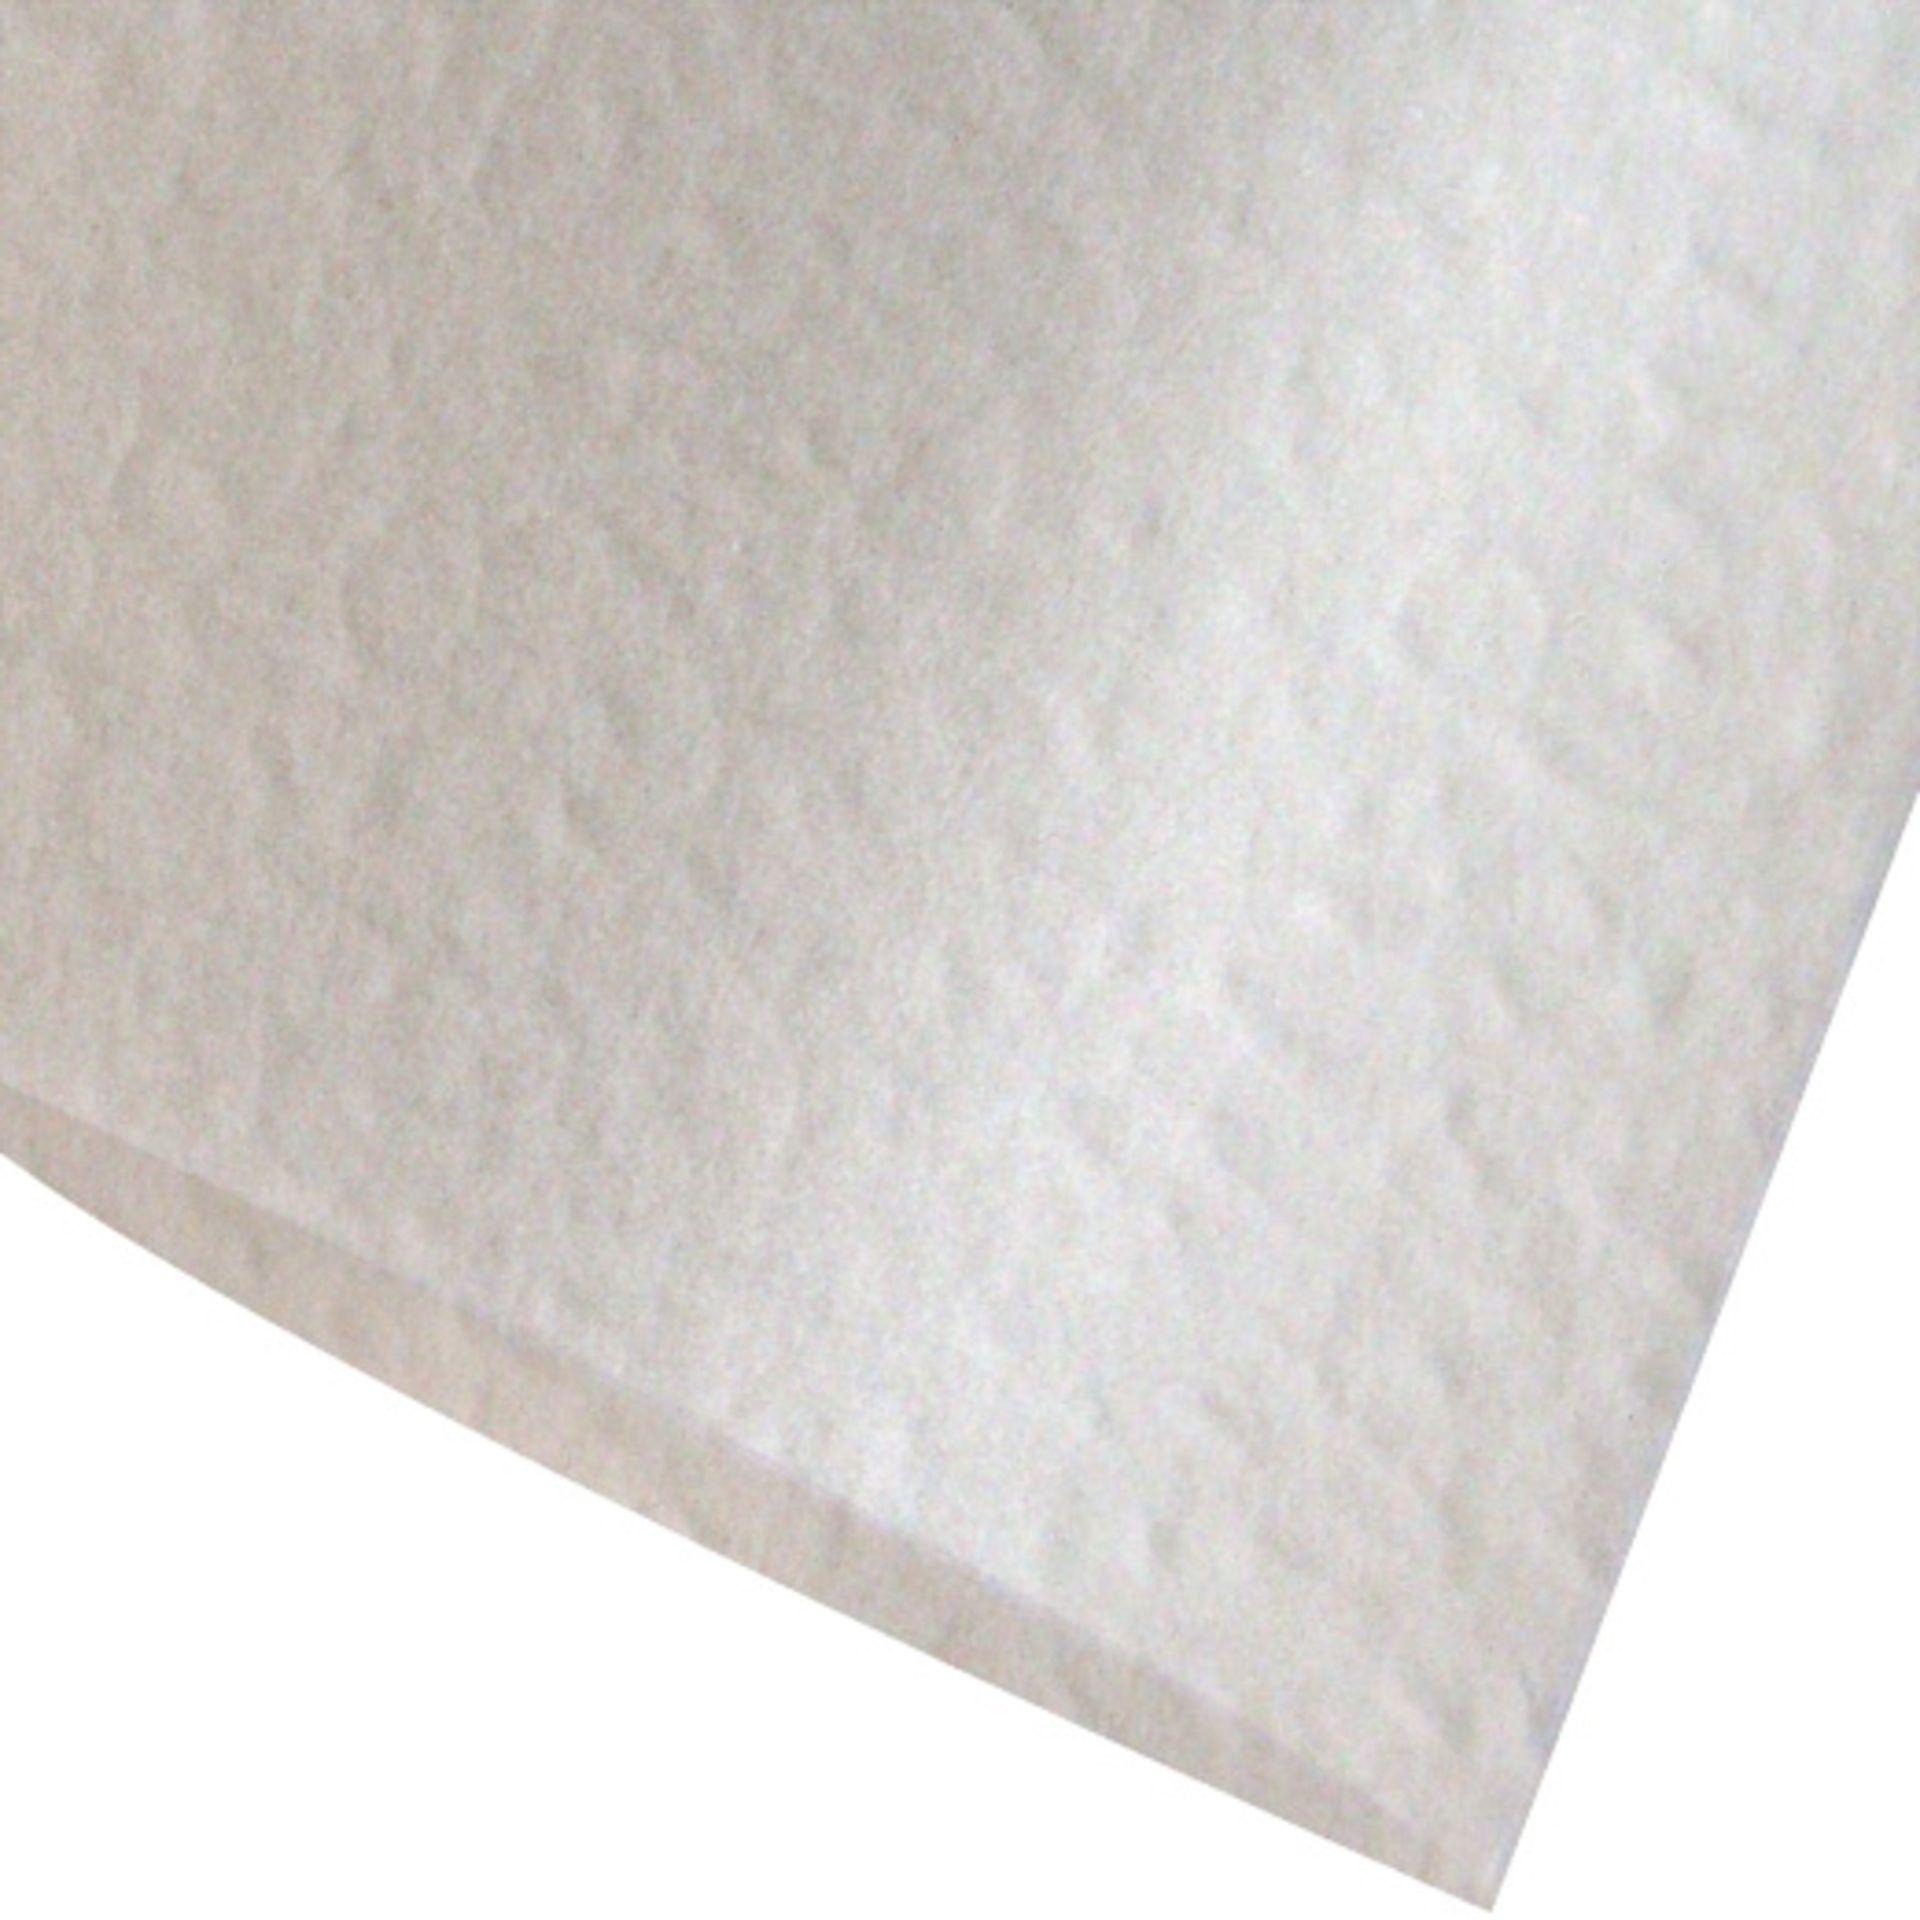 Unser Hammerschlag Papier Ist Hochwertig Und Unterstreicht Durch Die Tolle  Struktur Emotionale Botschaften.